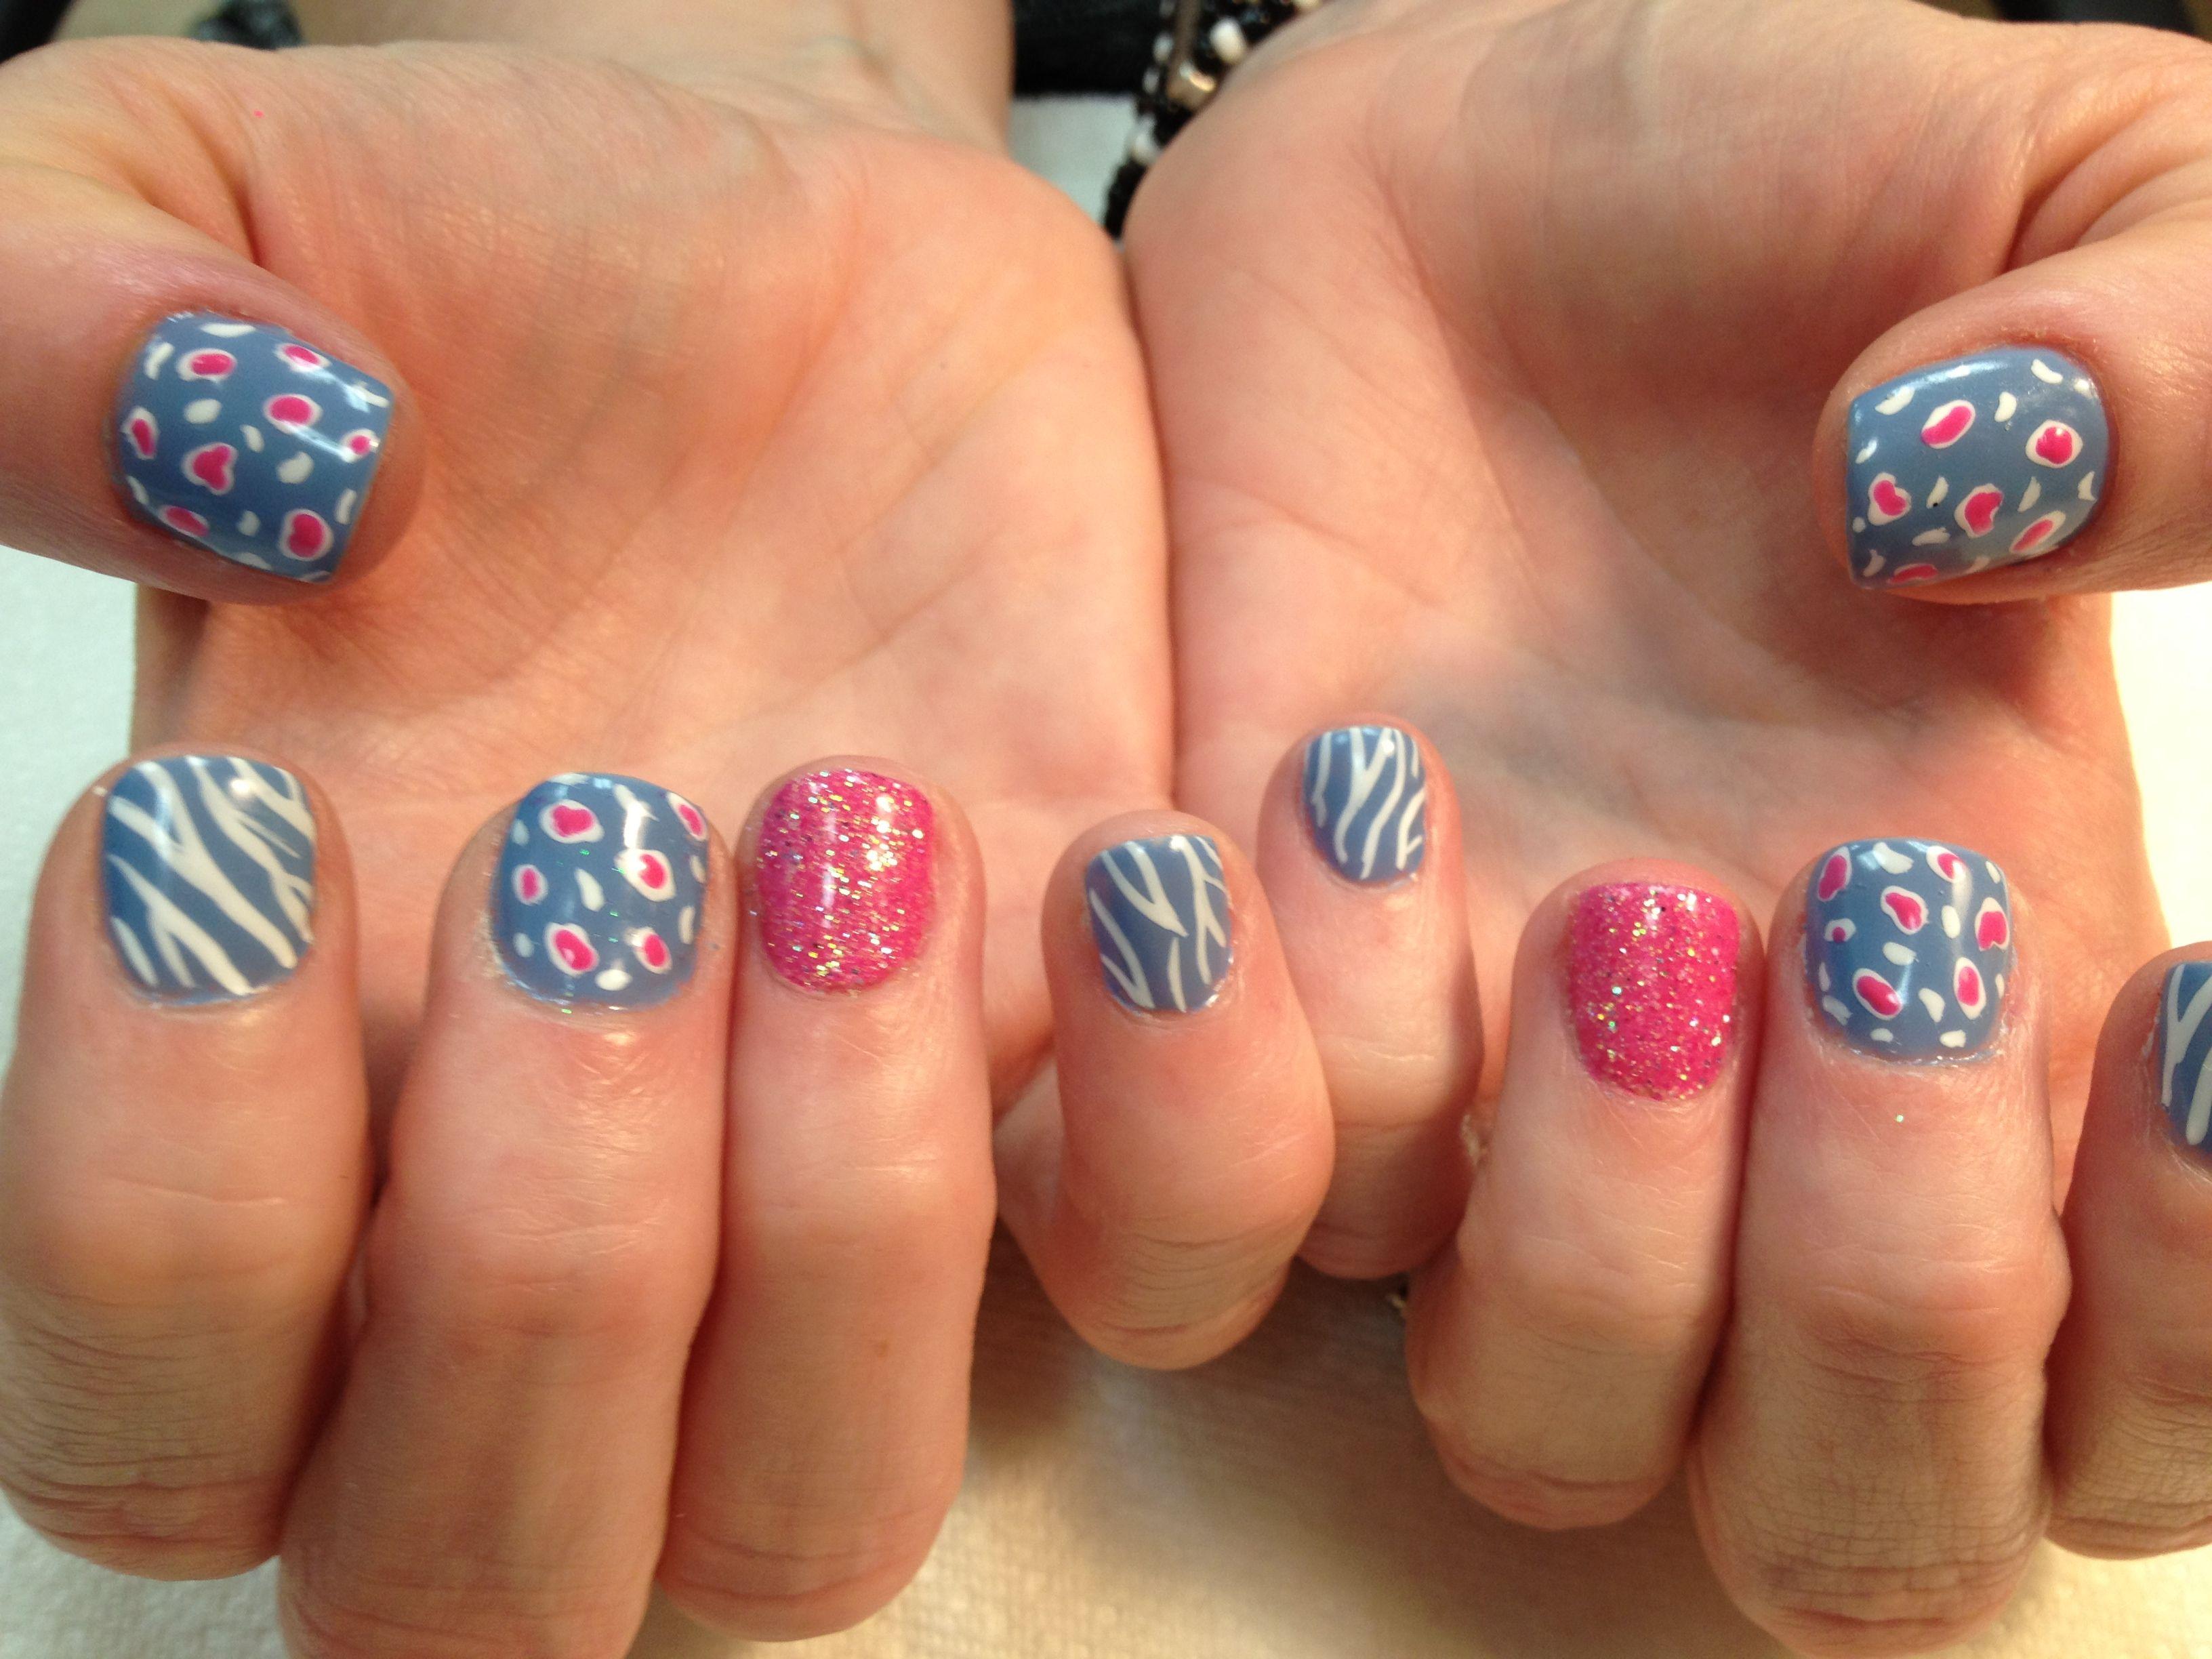 Gel polish and nail art